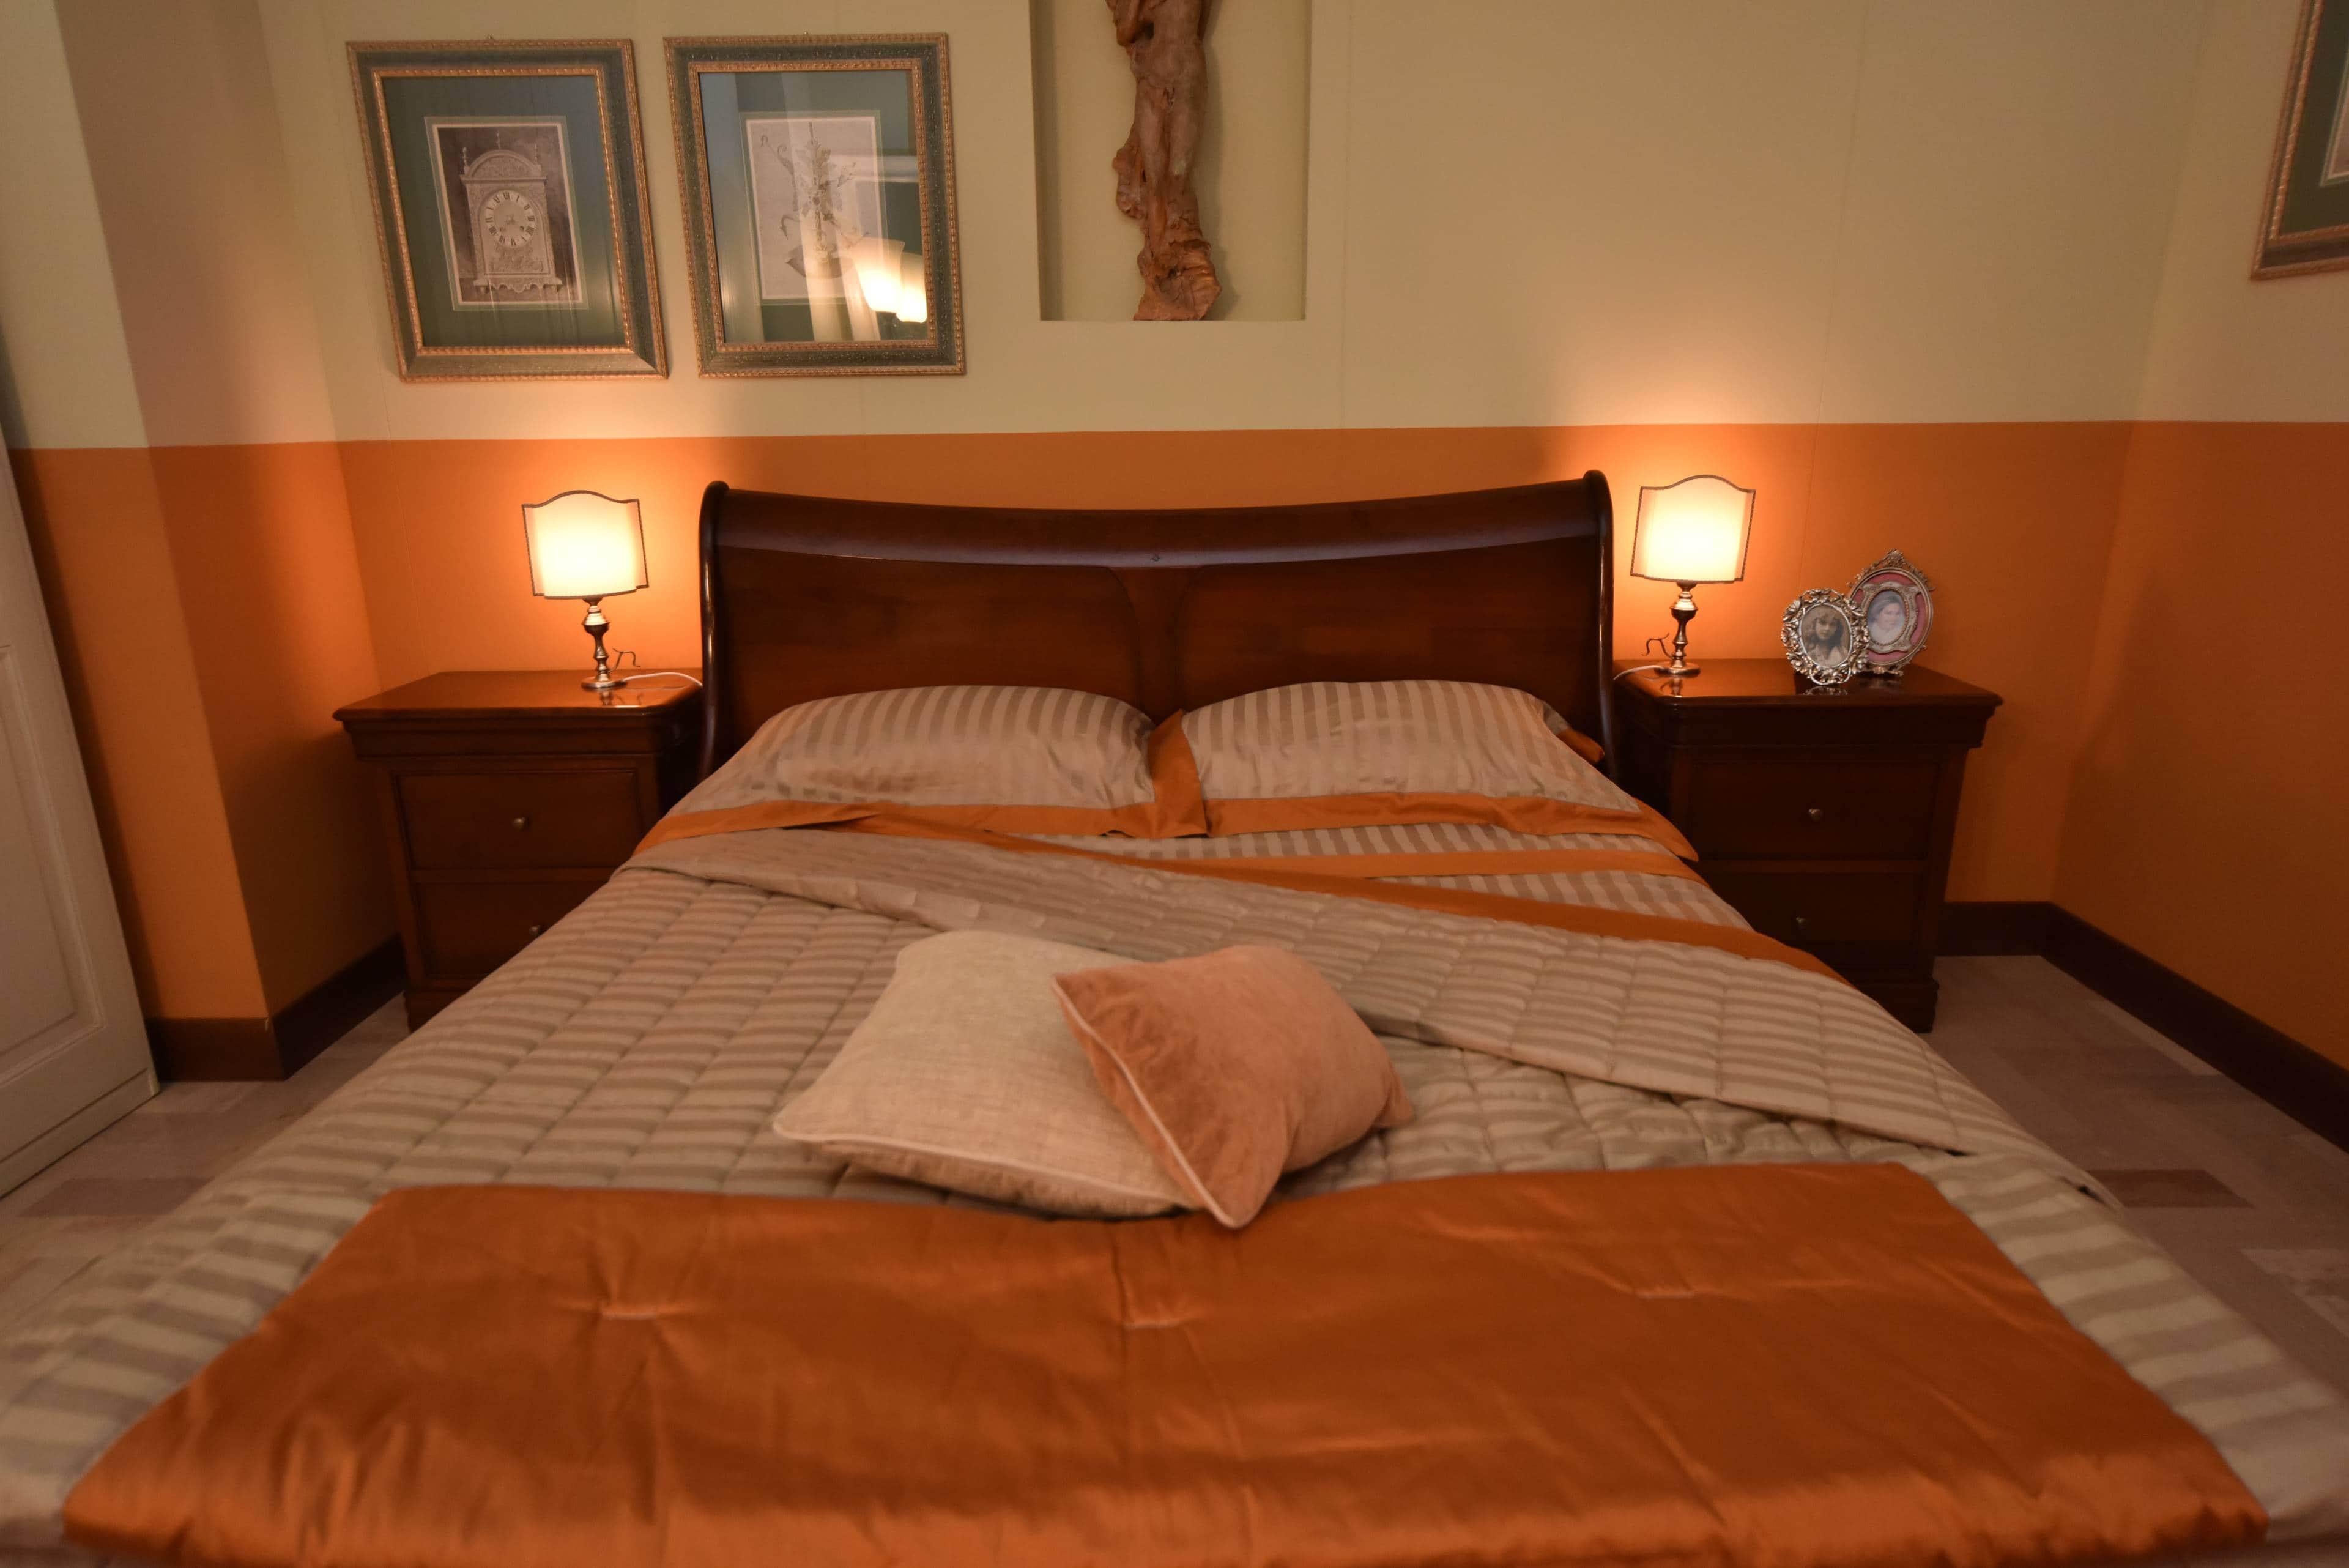 Grande arredo camera da letto claudine outlet mobili classici - Camera da letto grande ...